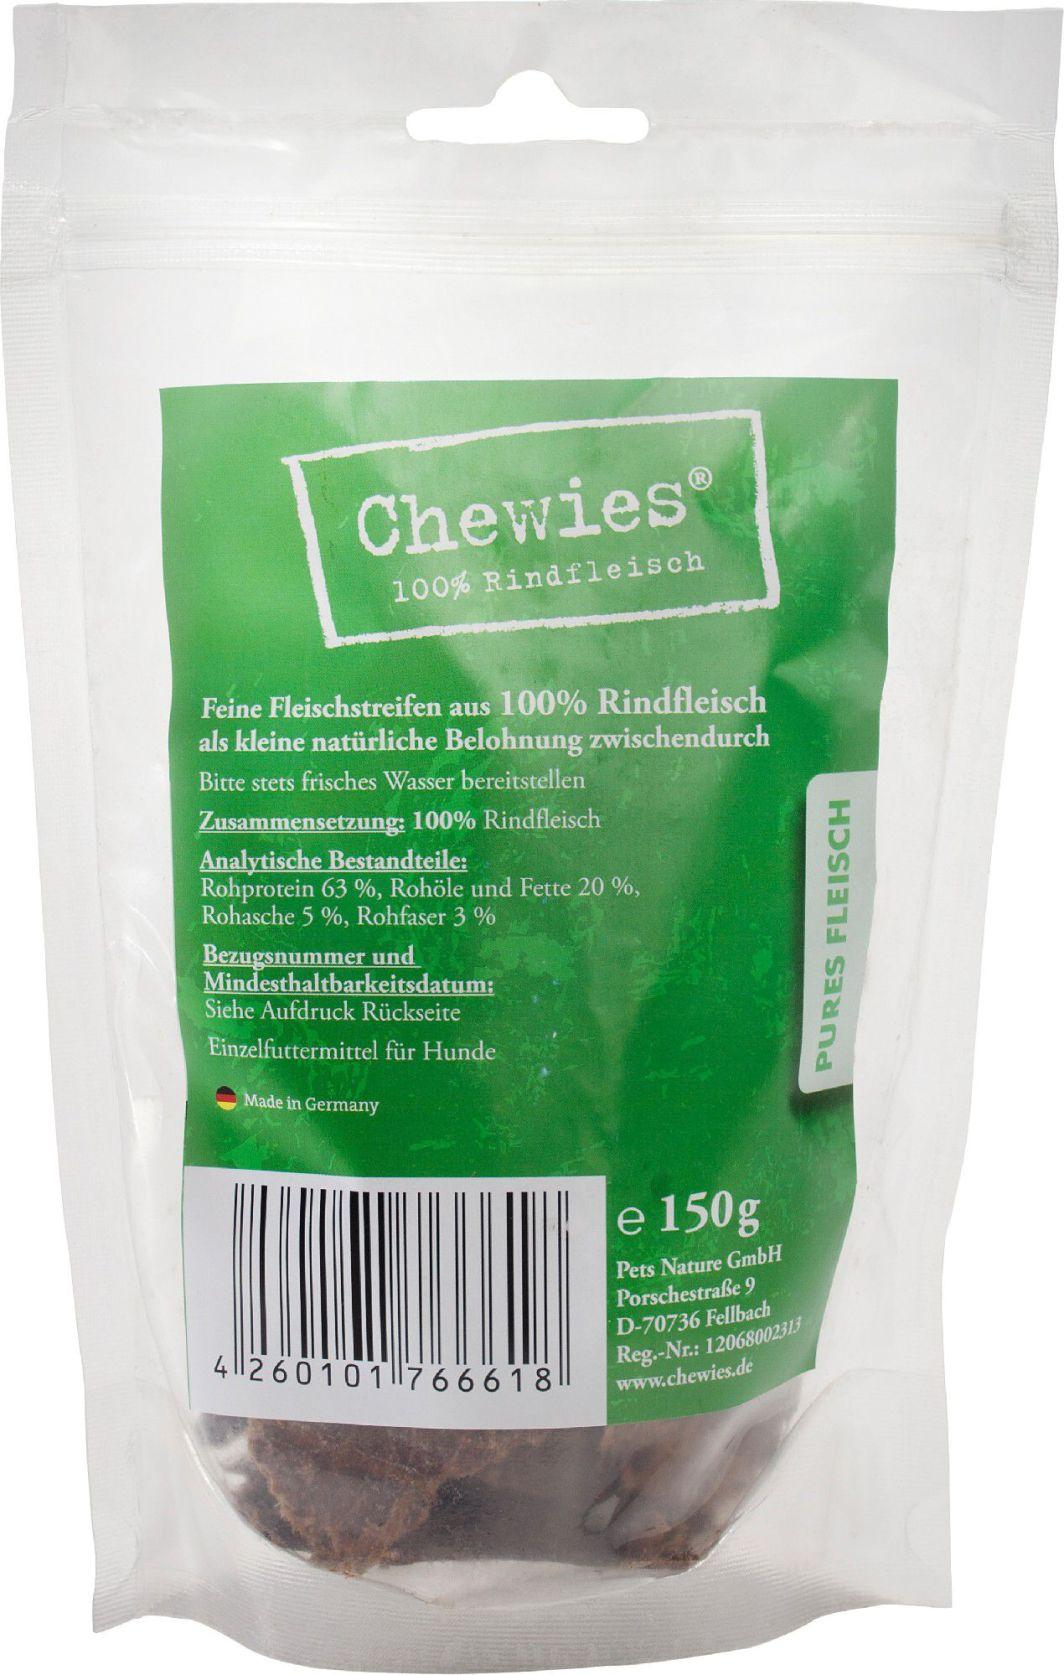 Chewies Paski mięsne Wołowina 150g 1